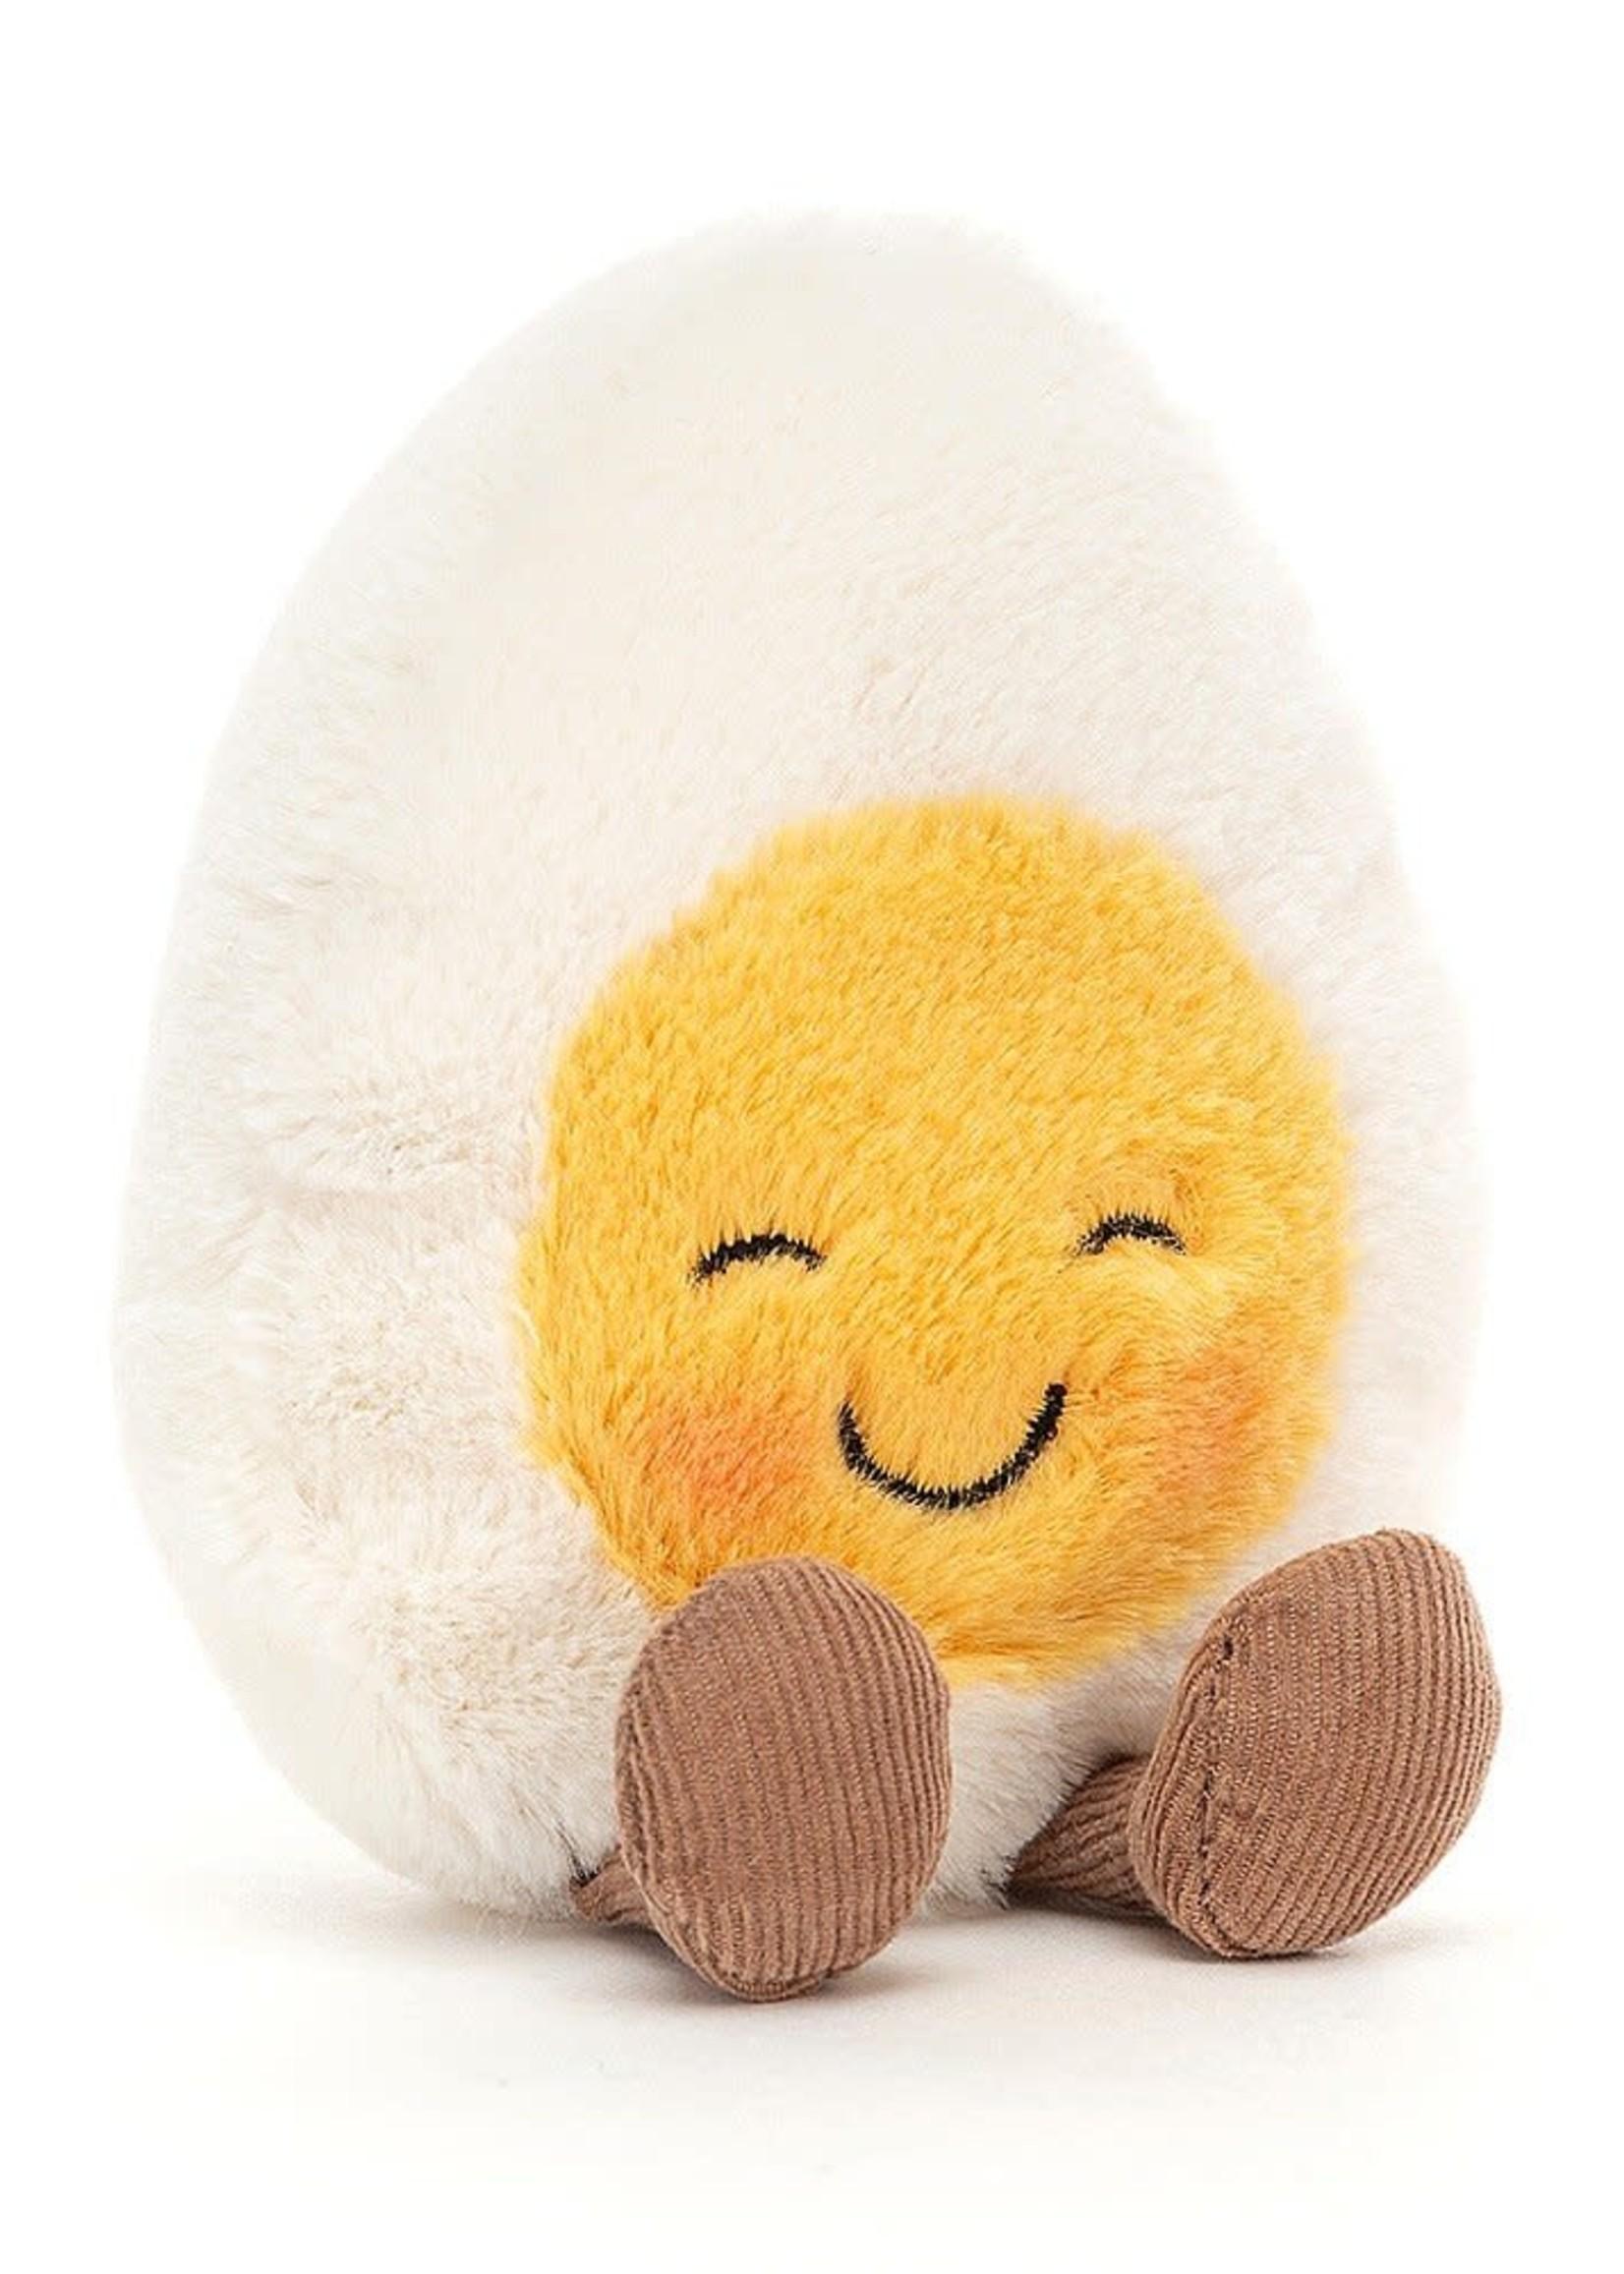 Jellycat JC Boiled Egg (Blushing)